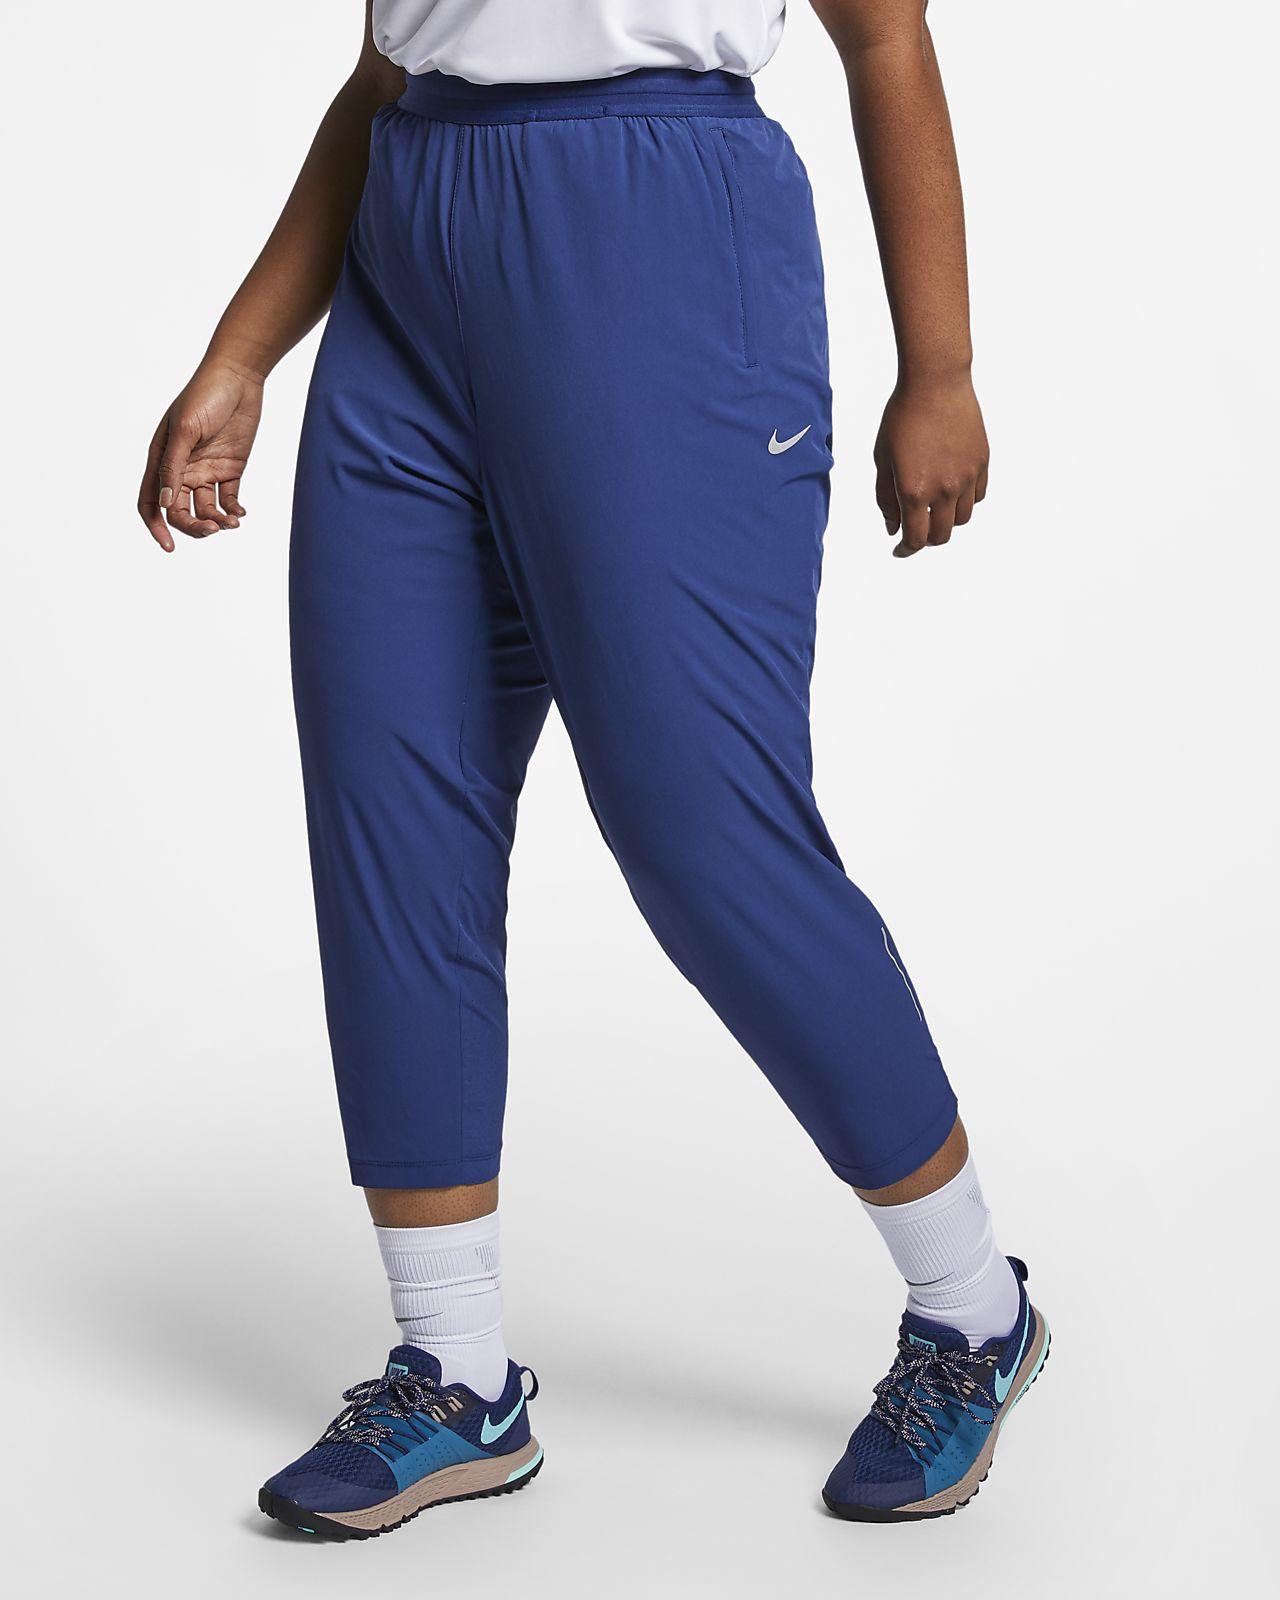 Calças de running a 7/8 Nike Essential para mulher (tamanhos grandes)